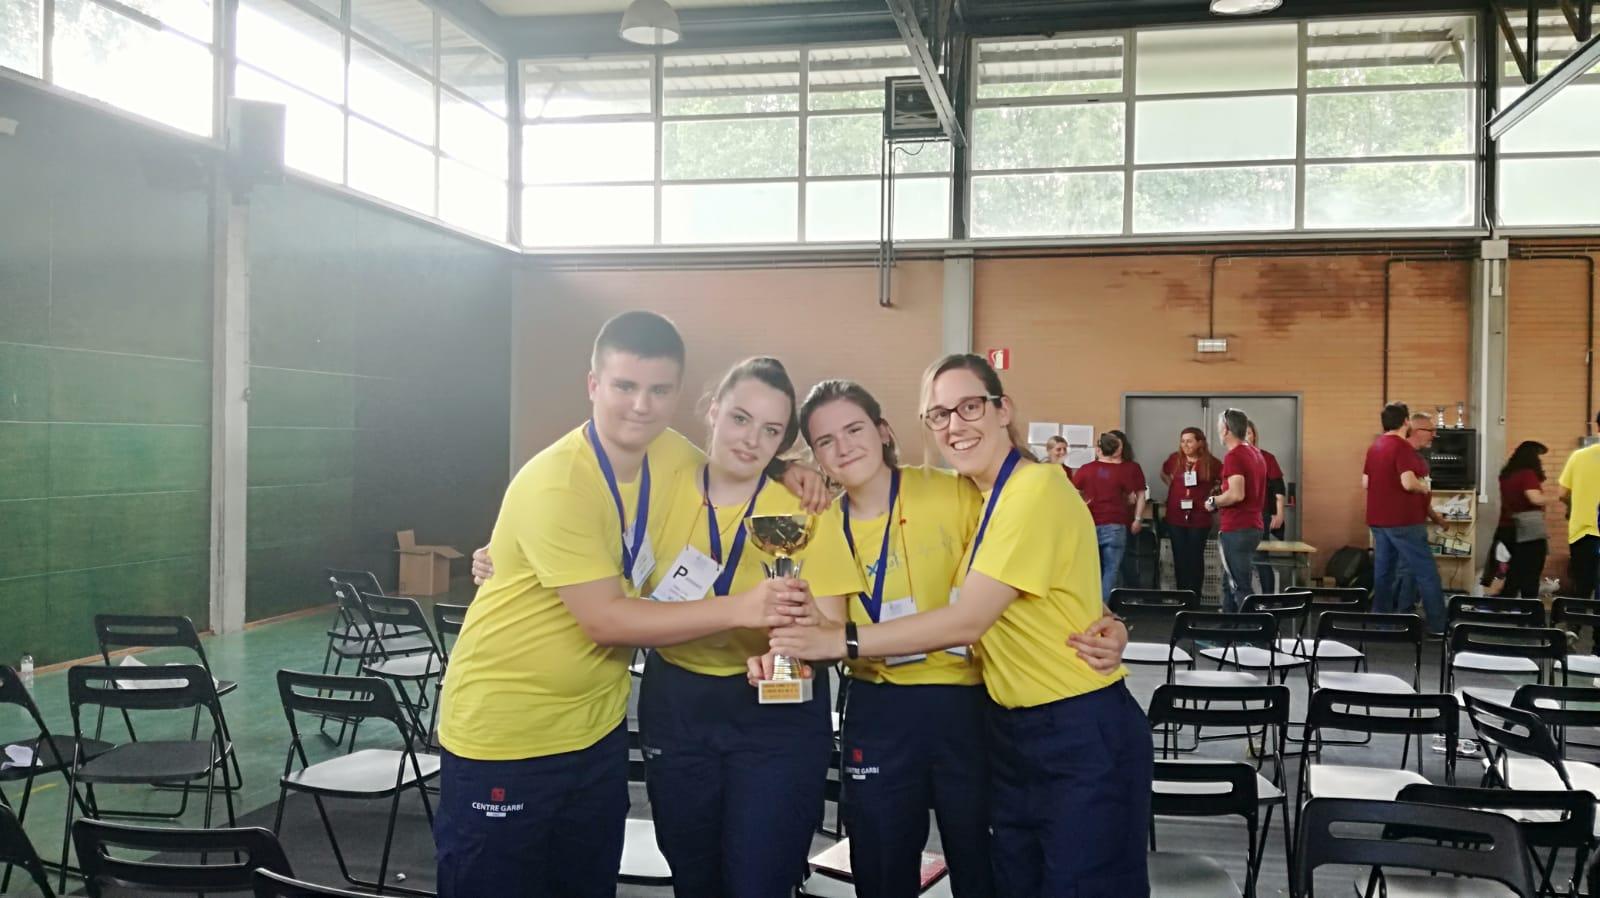 L'equip de 1r curs del cicle formatiu de Tècnic en Emergències Sanitàries del Centre Garbí guanya el 2n concurs d'intercentres de Catalunya